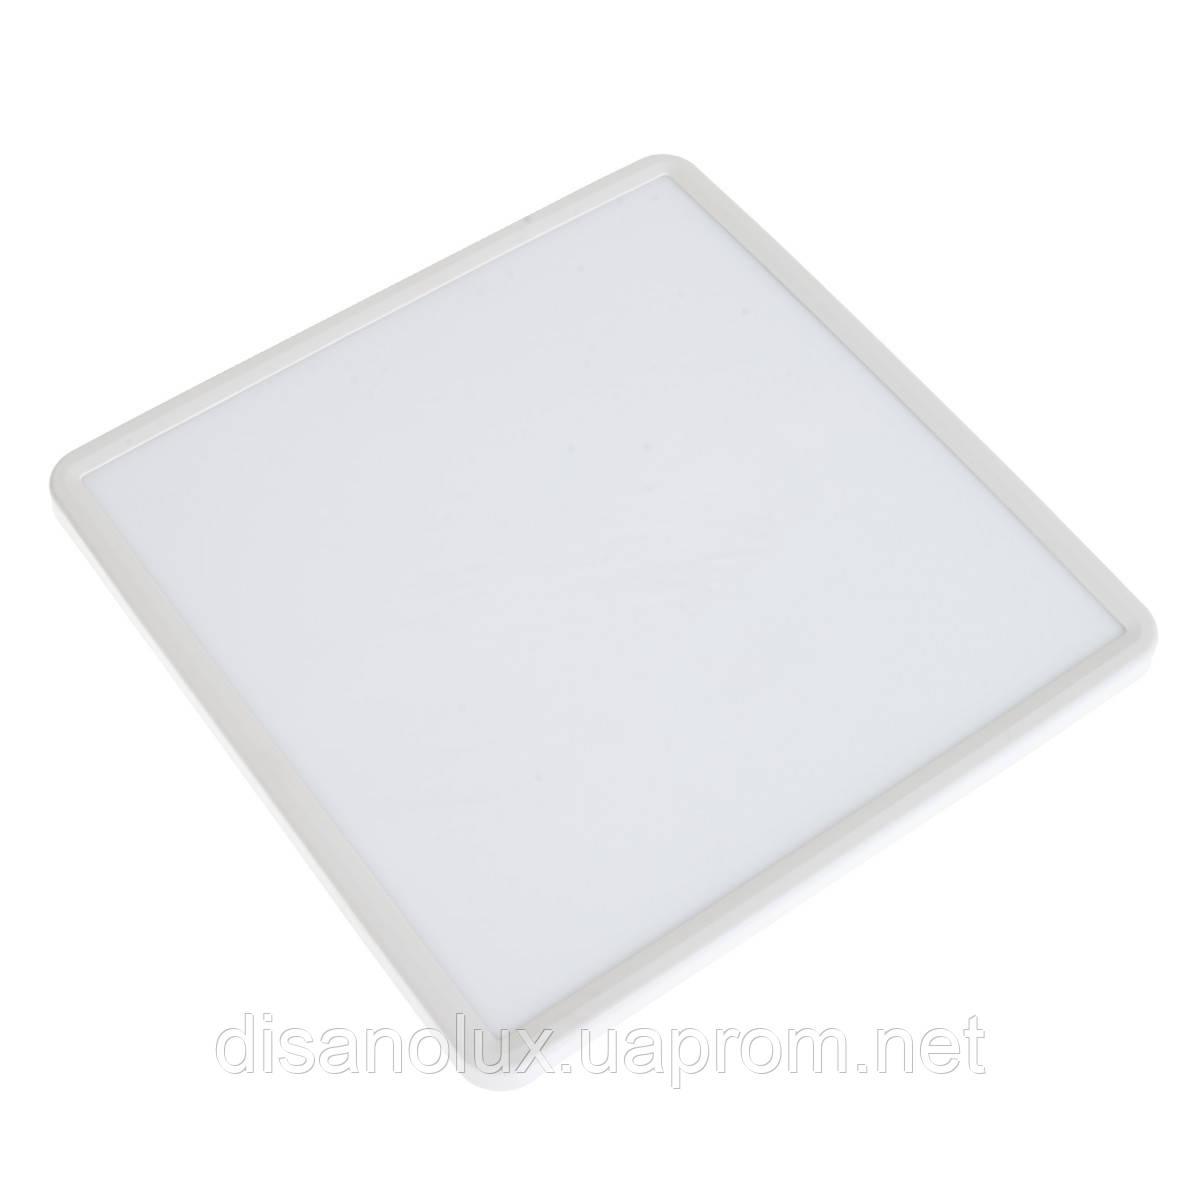 Светильник потолочный встроенный светодиодный LED-37R/20W NW led